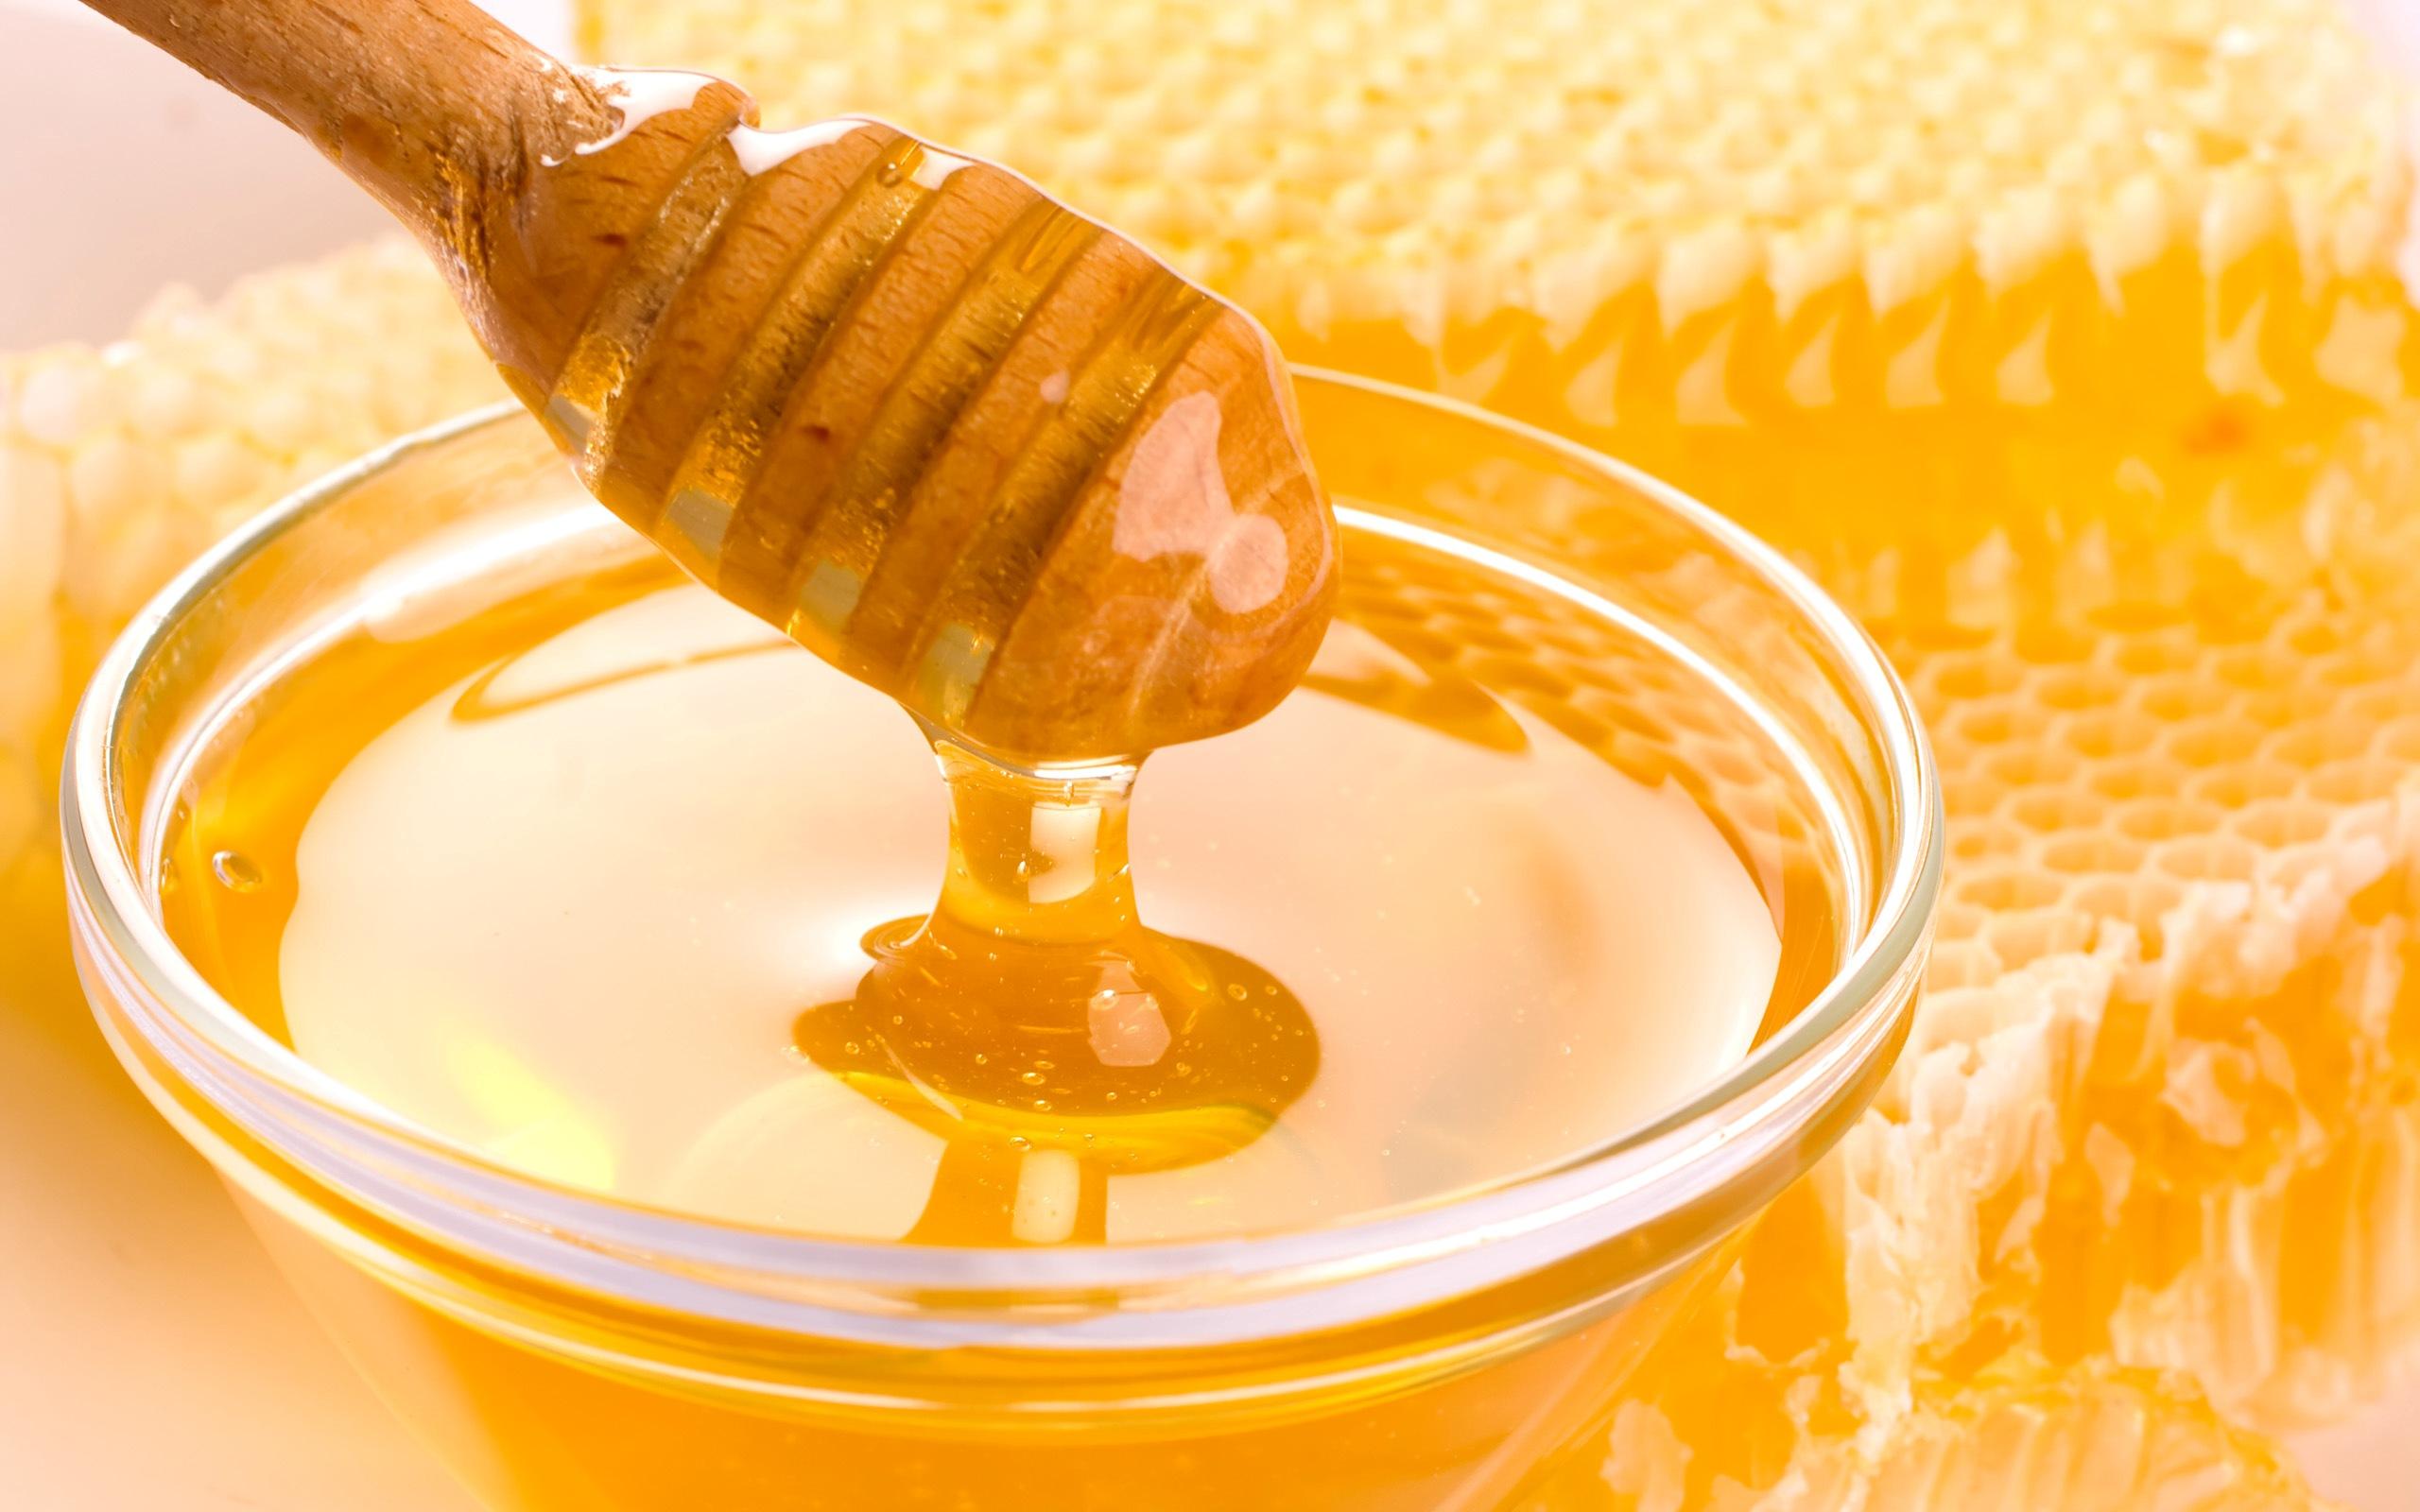 فوائد العسل للسعال